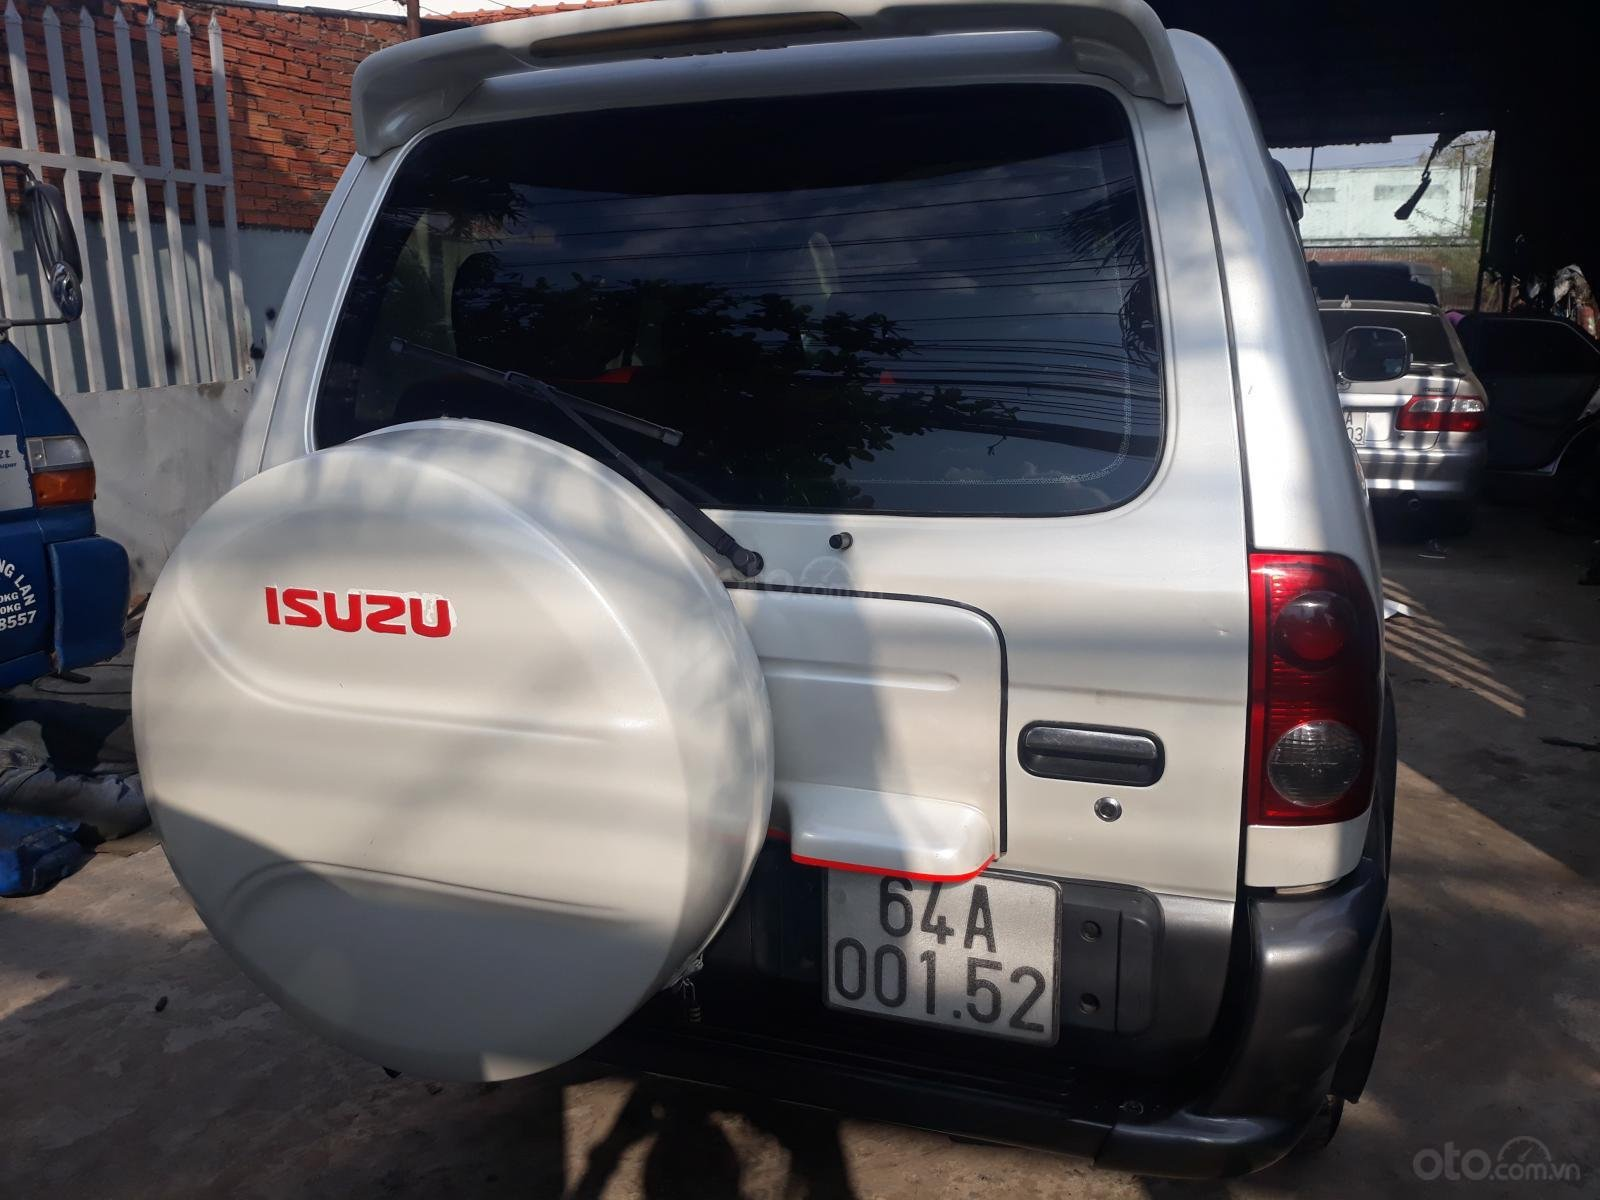 Cần bán xe Isuzu Hi lander đời 2007, màu trắng giá chỉ 250 triệu đồng (7)